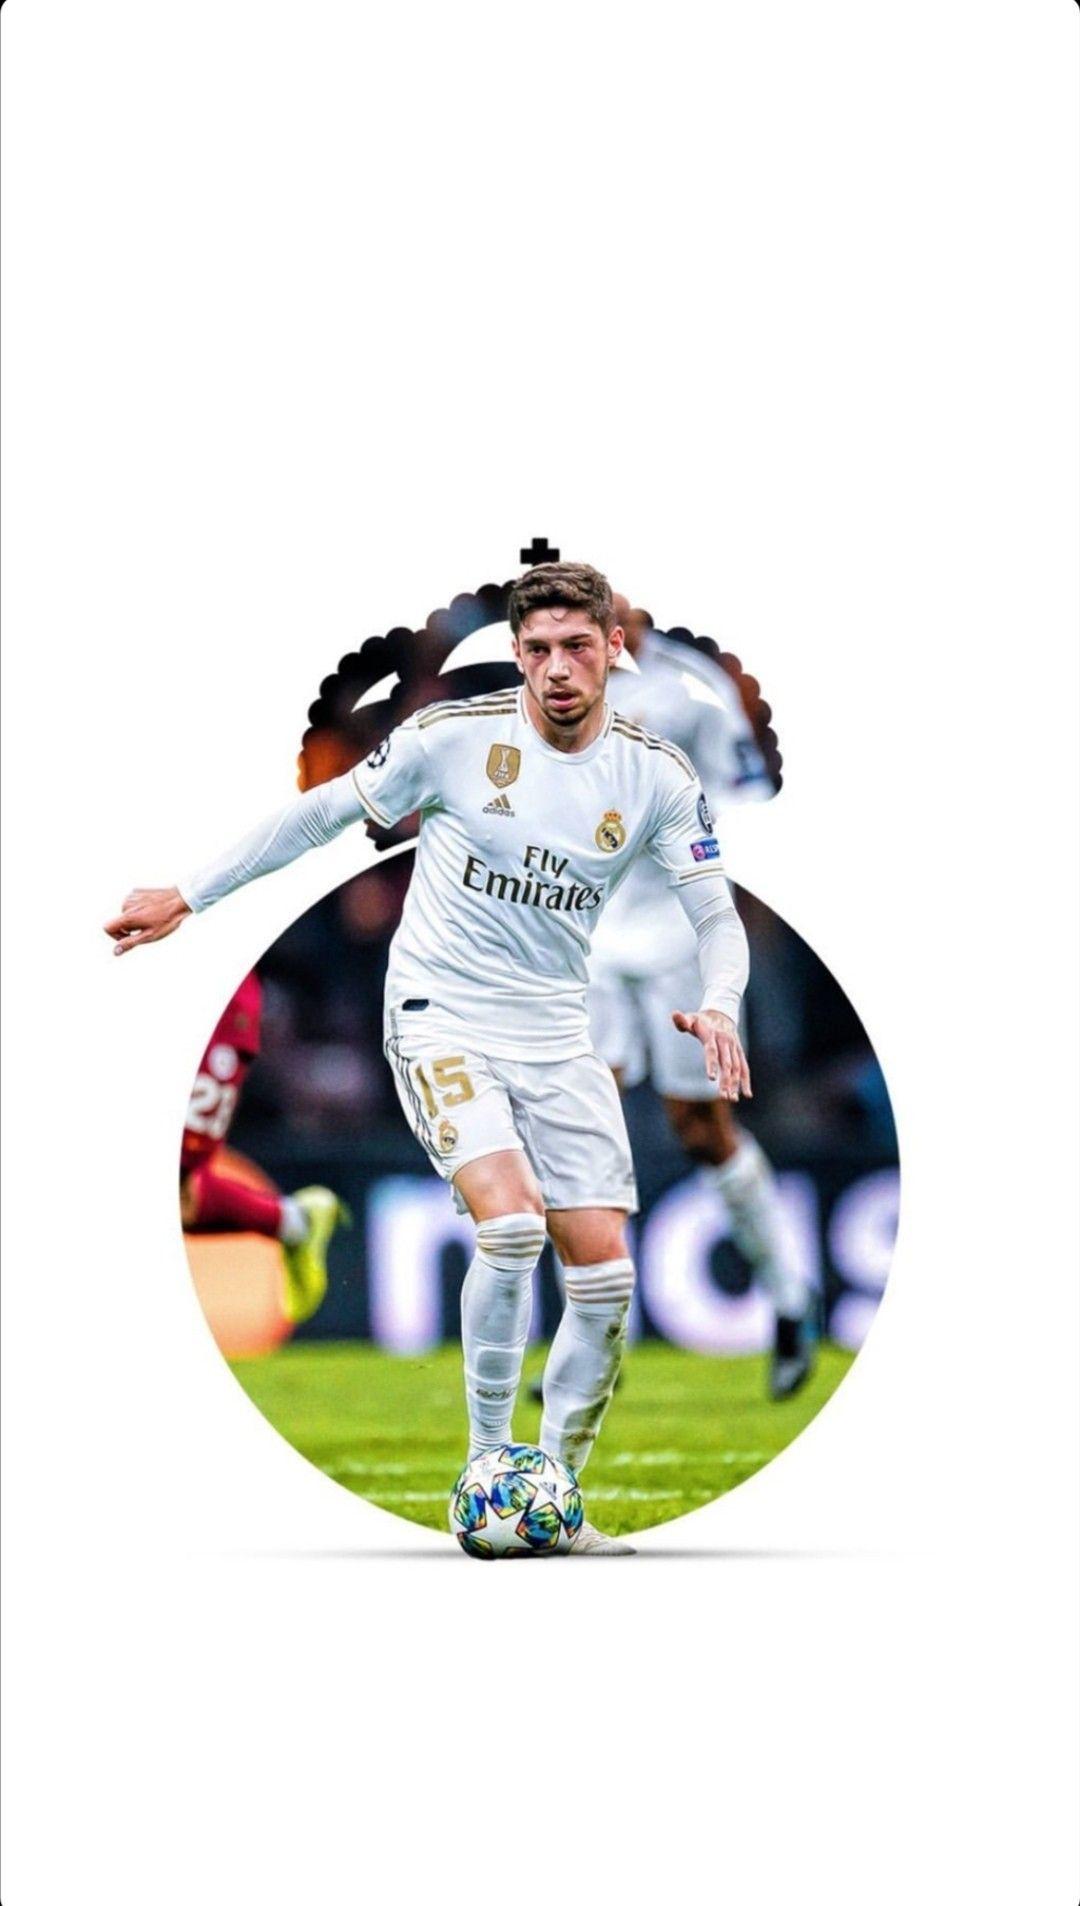 Pin De Diether En Fútbol Fondos De Pantalla Real Madrid Futbol En Vivo Real Madrid Campeon